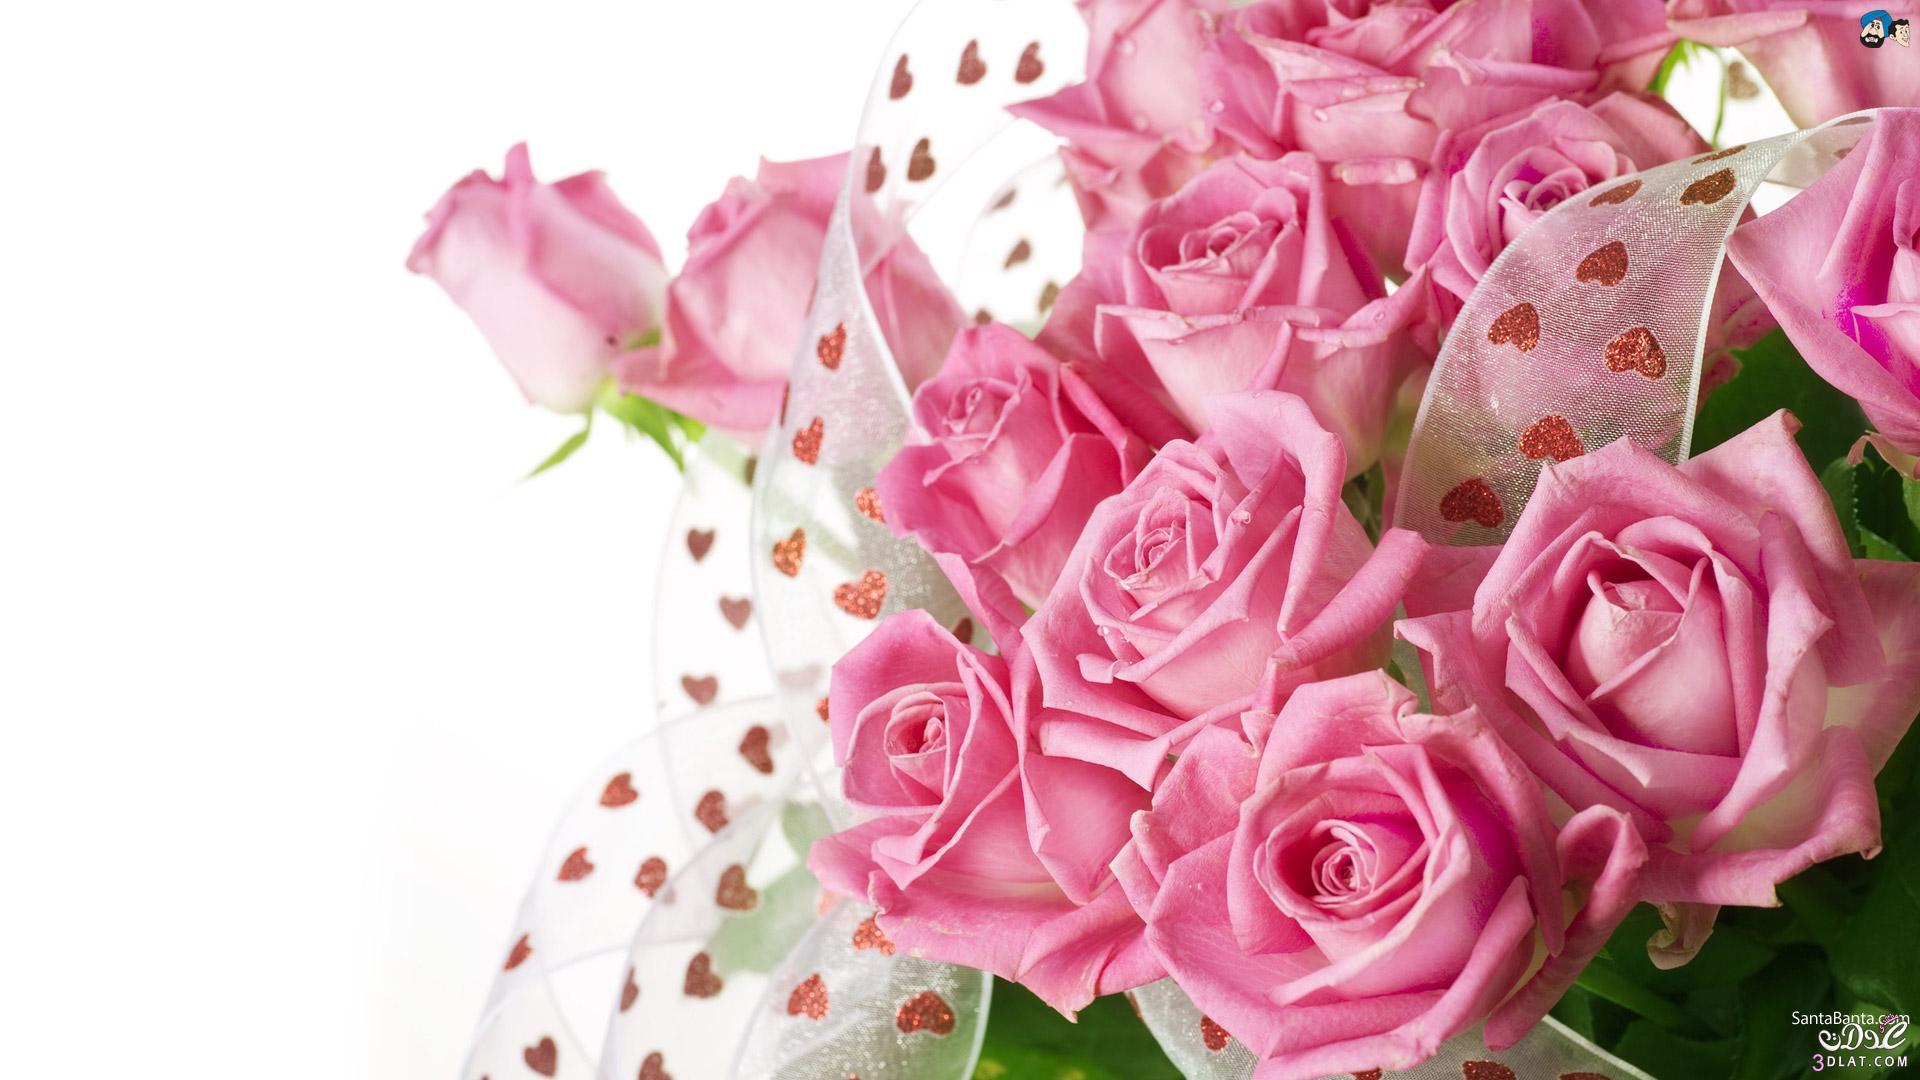 صور خلفيات ورود جميلة جدا , اروع صور وخلفيات لزهور جميلة جدا